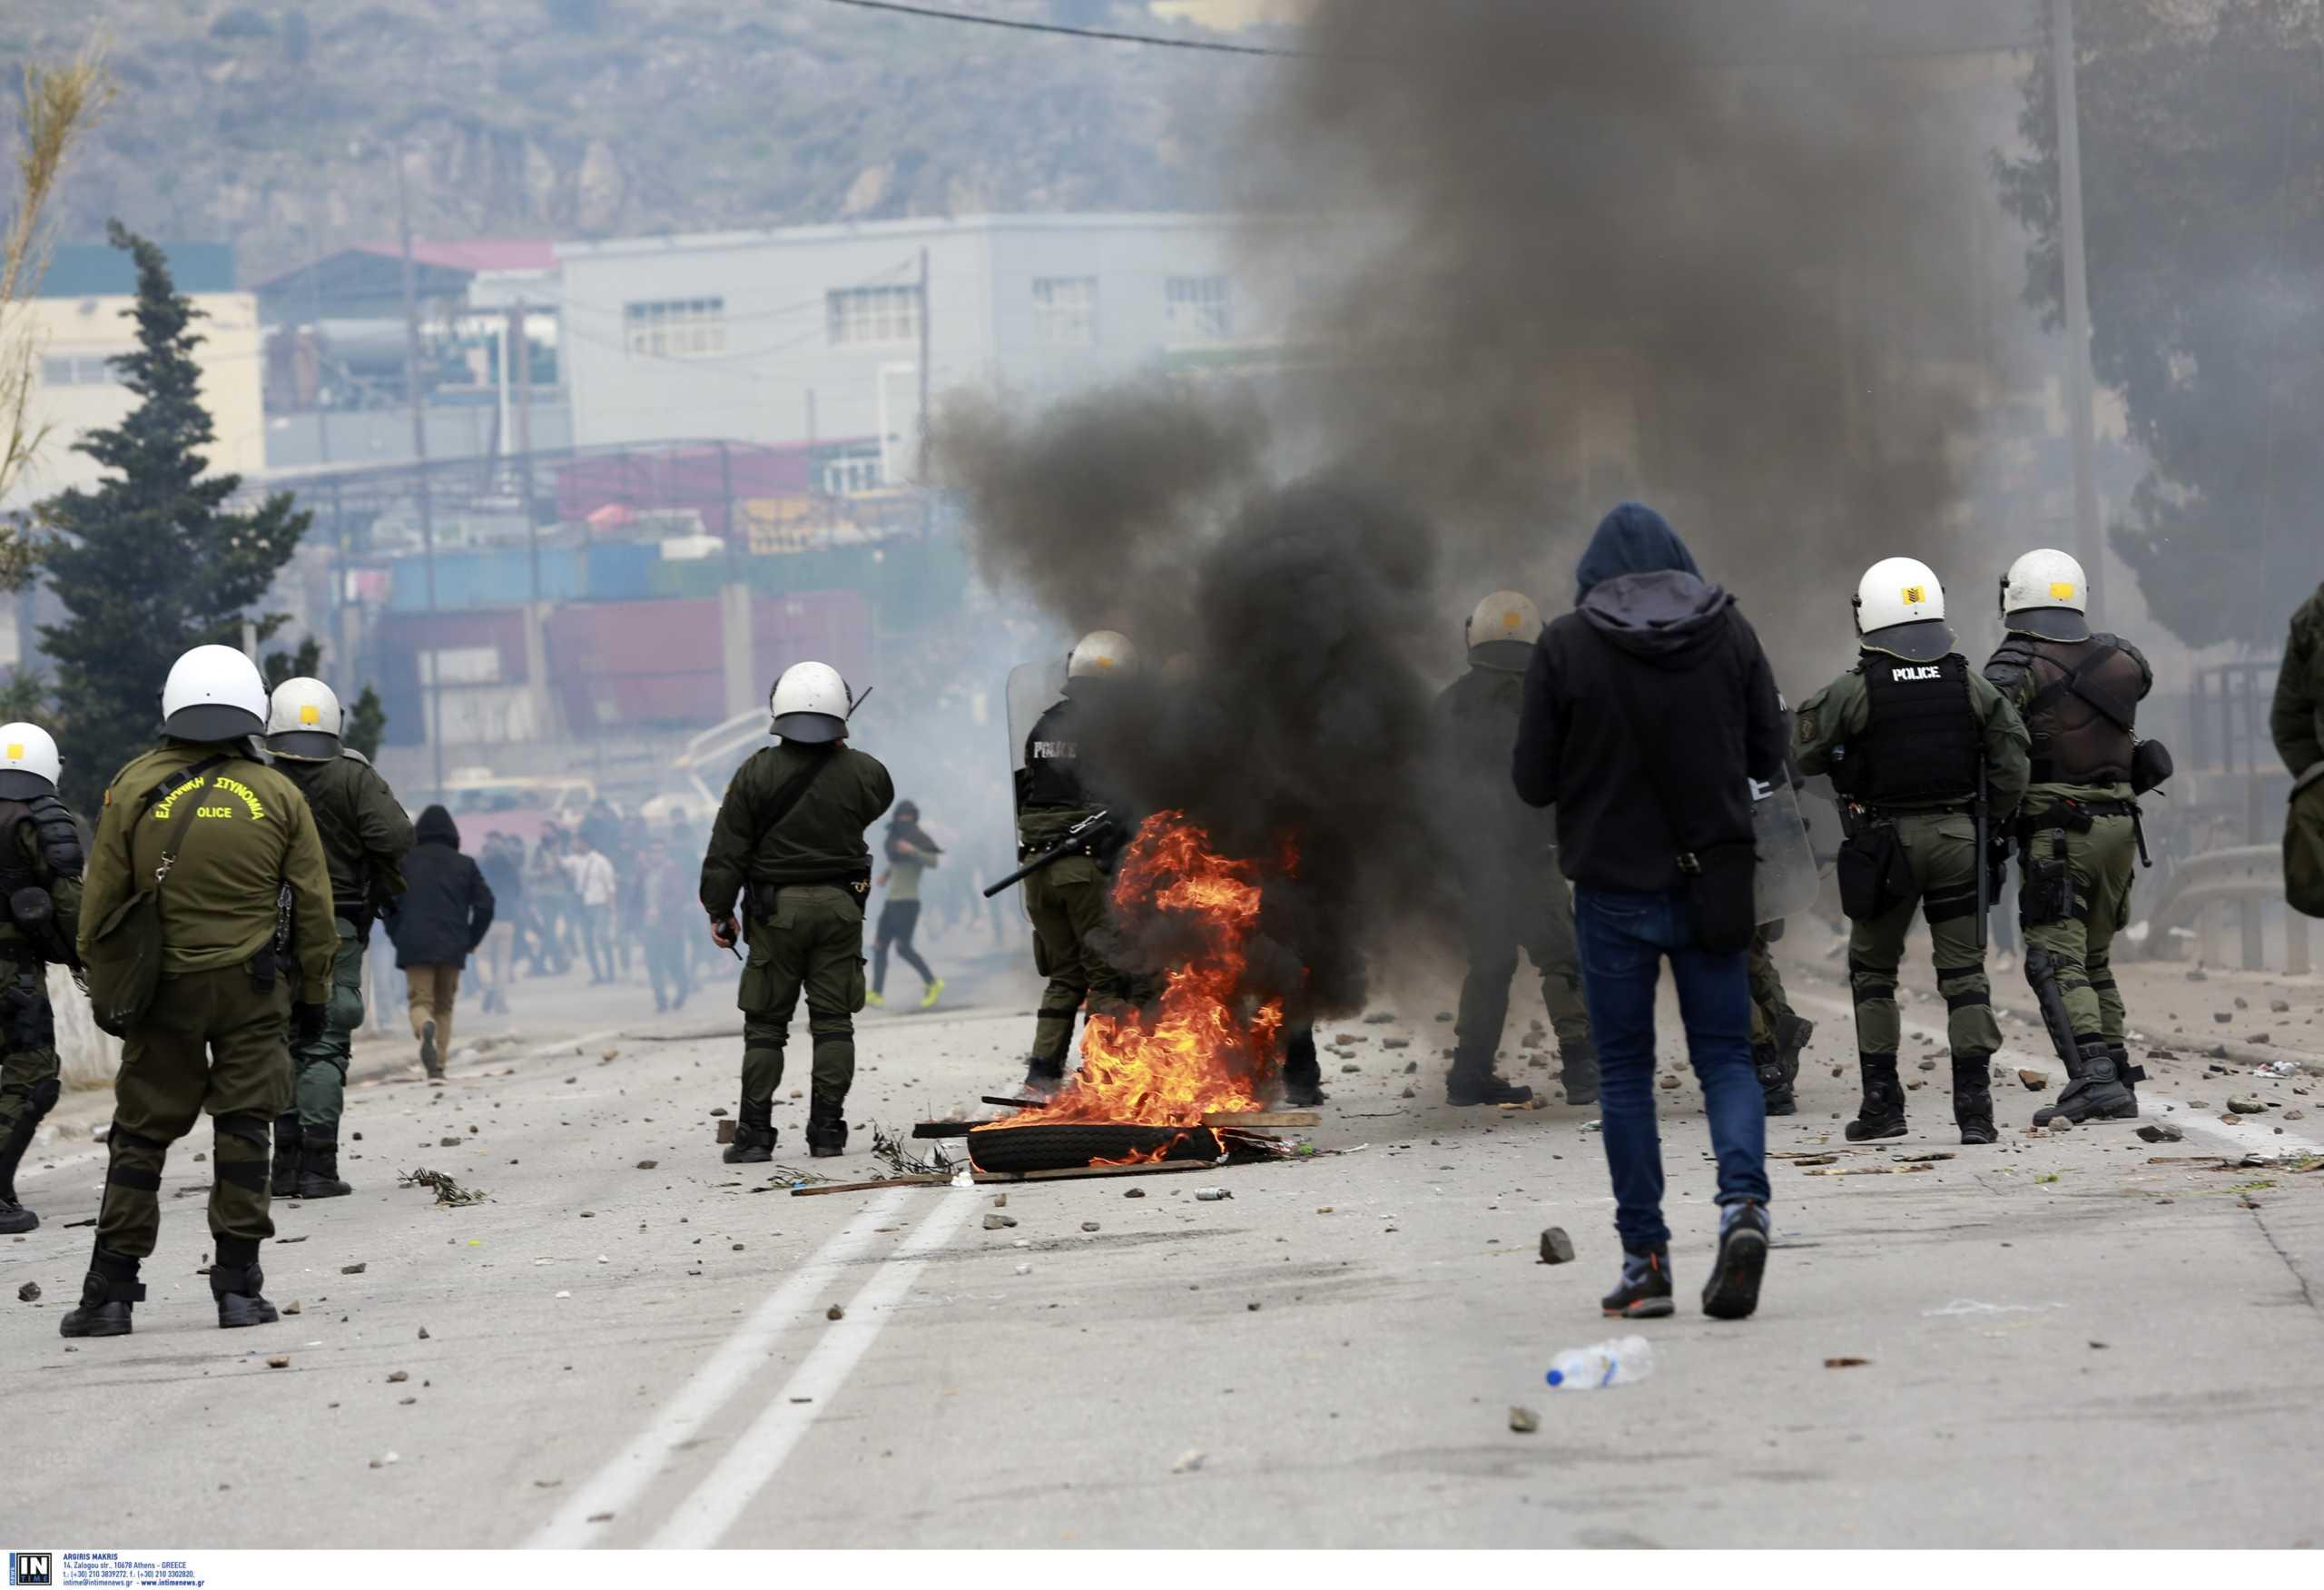 Σοκαριστικό βίντεο από το χαμό στην Μυτιλήνη: Οδηγός αγροτικού προσπαθεί να πατήσει άνδρες των ΜΑΤ!